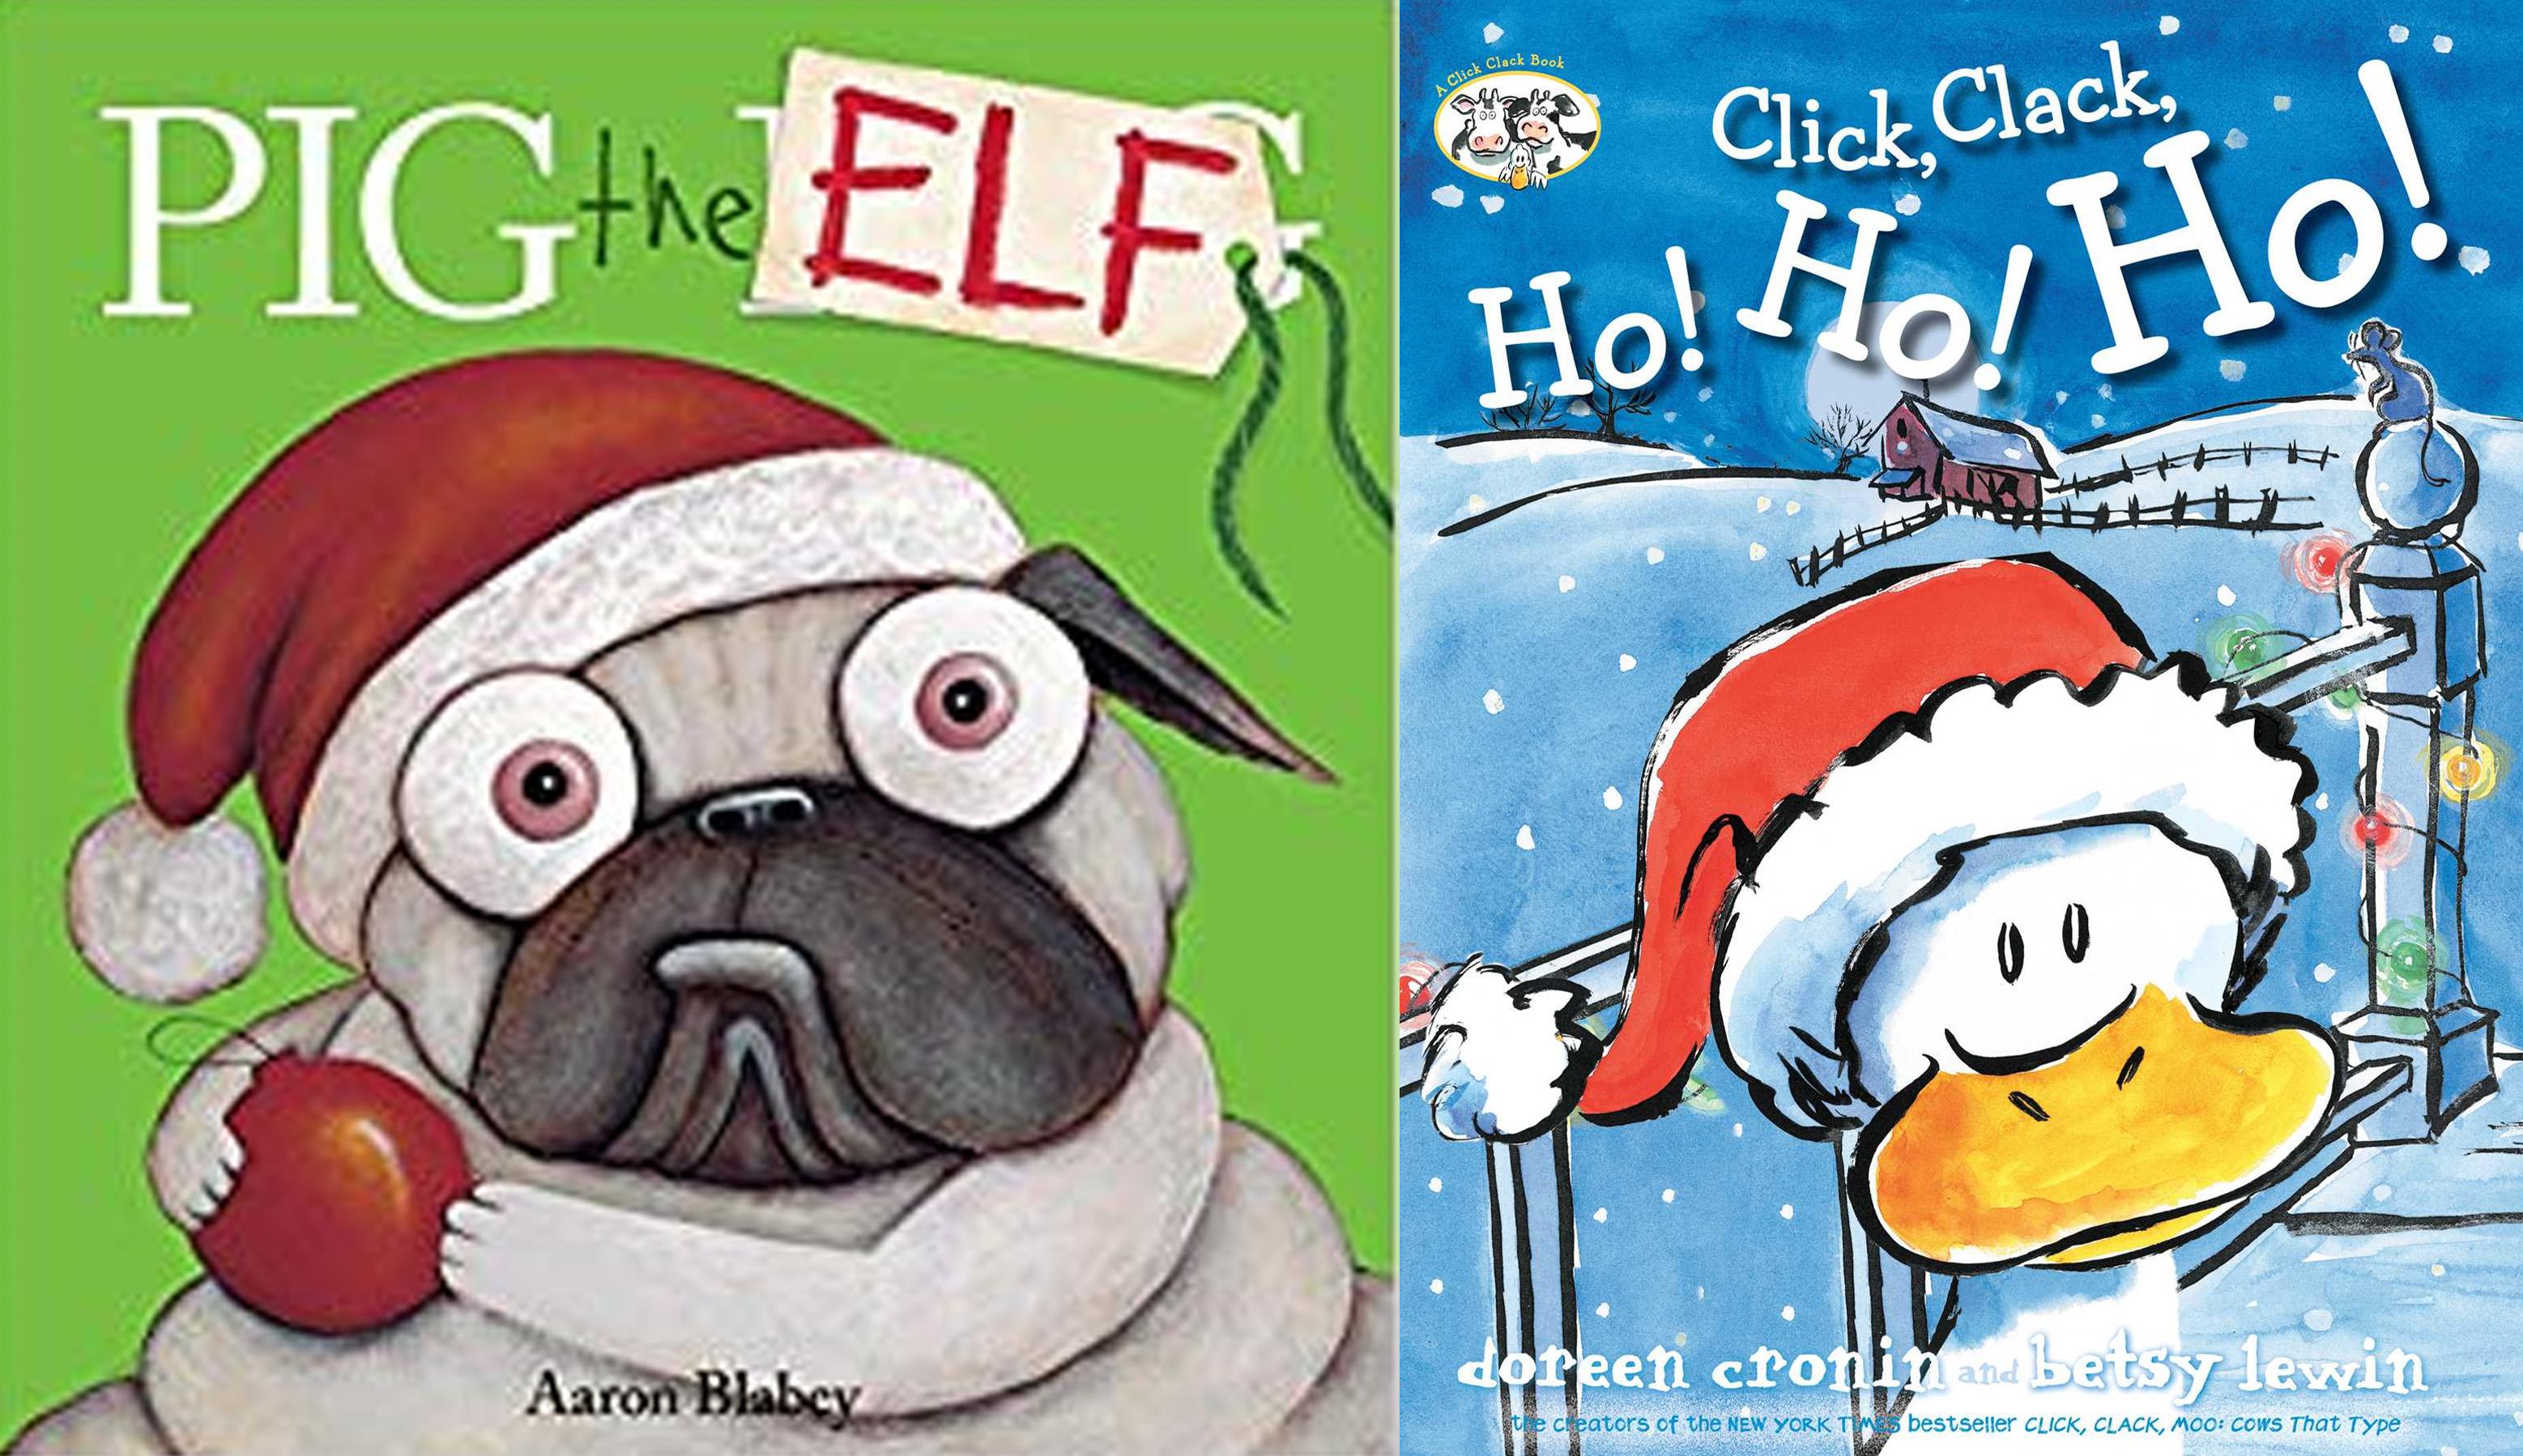 Pig Elf and HOHO